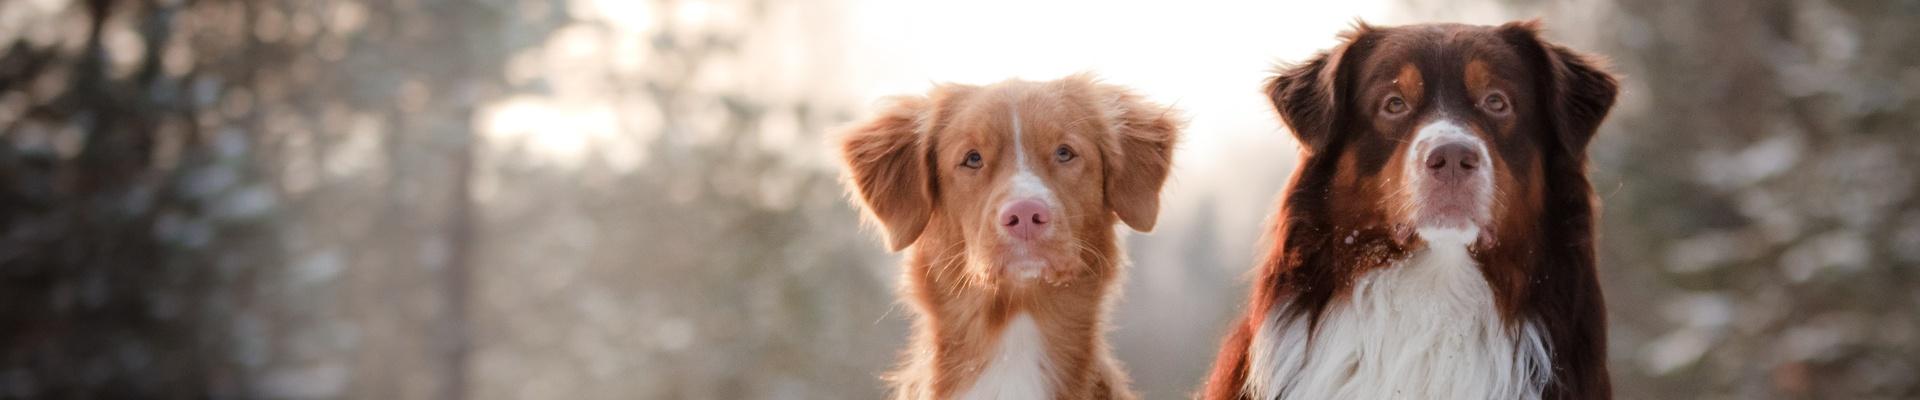 Hundefutter für ausgewachsene Hunde bei Greenheart Austria